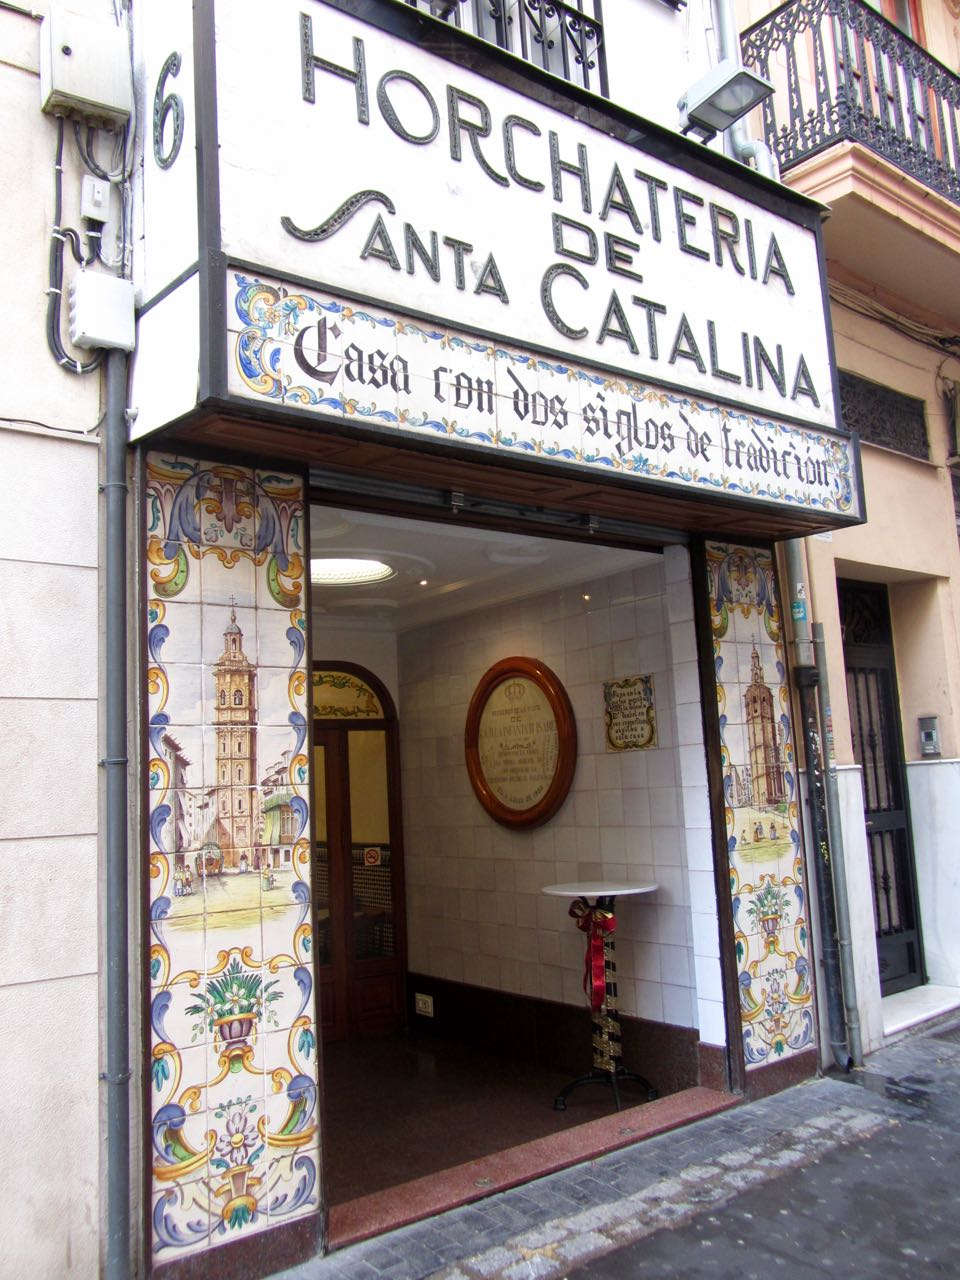 12-Horchateria-Santa-Catalina